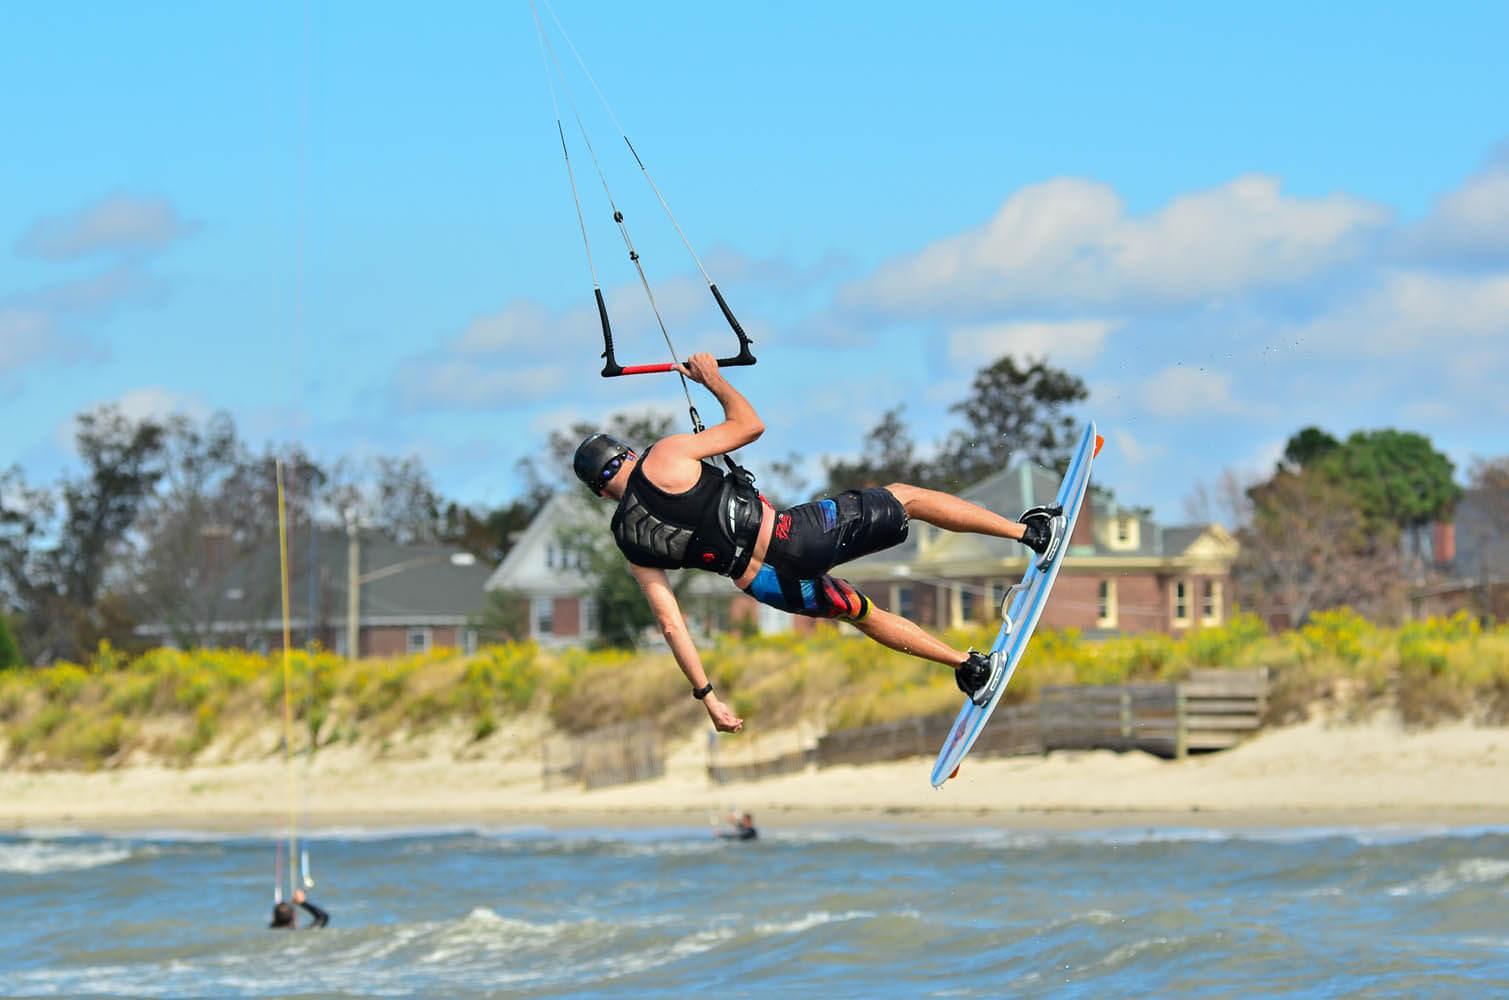 Man windsurfing near beach